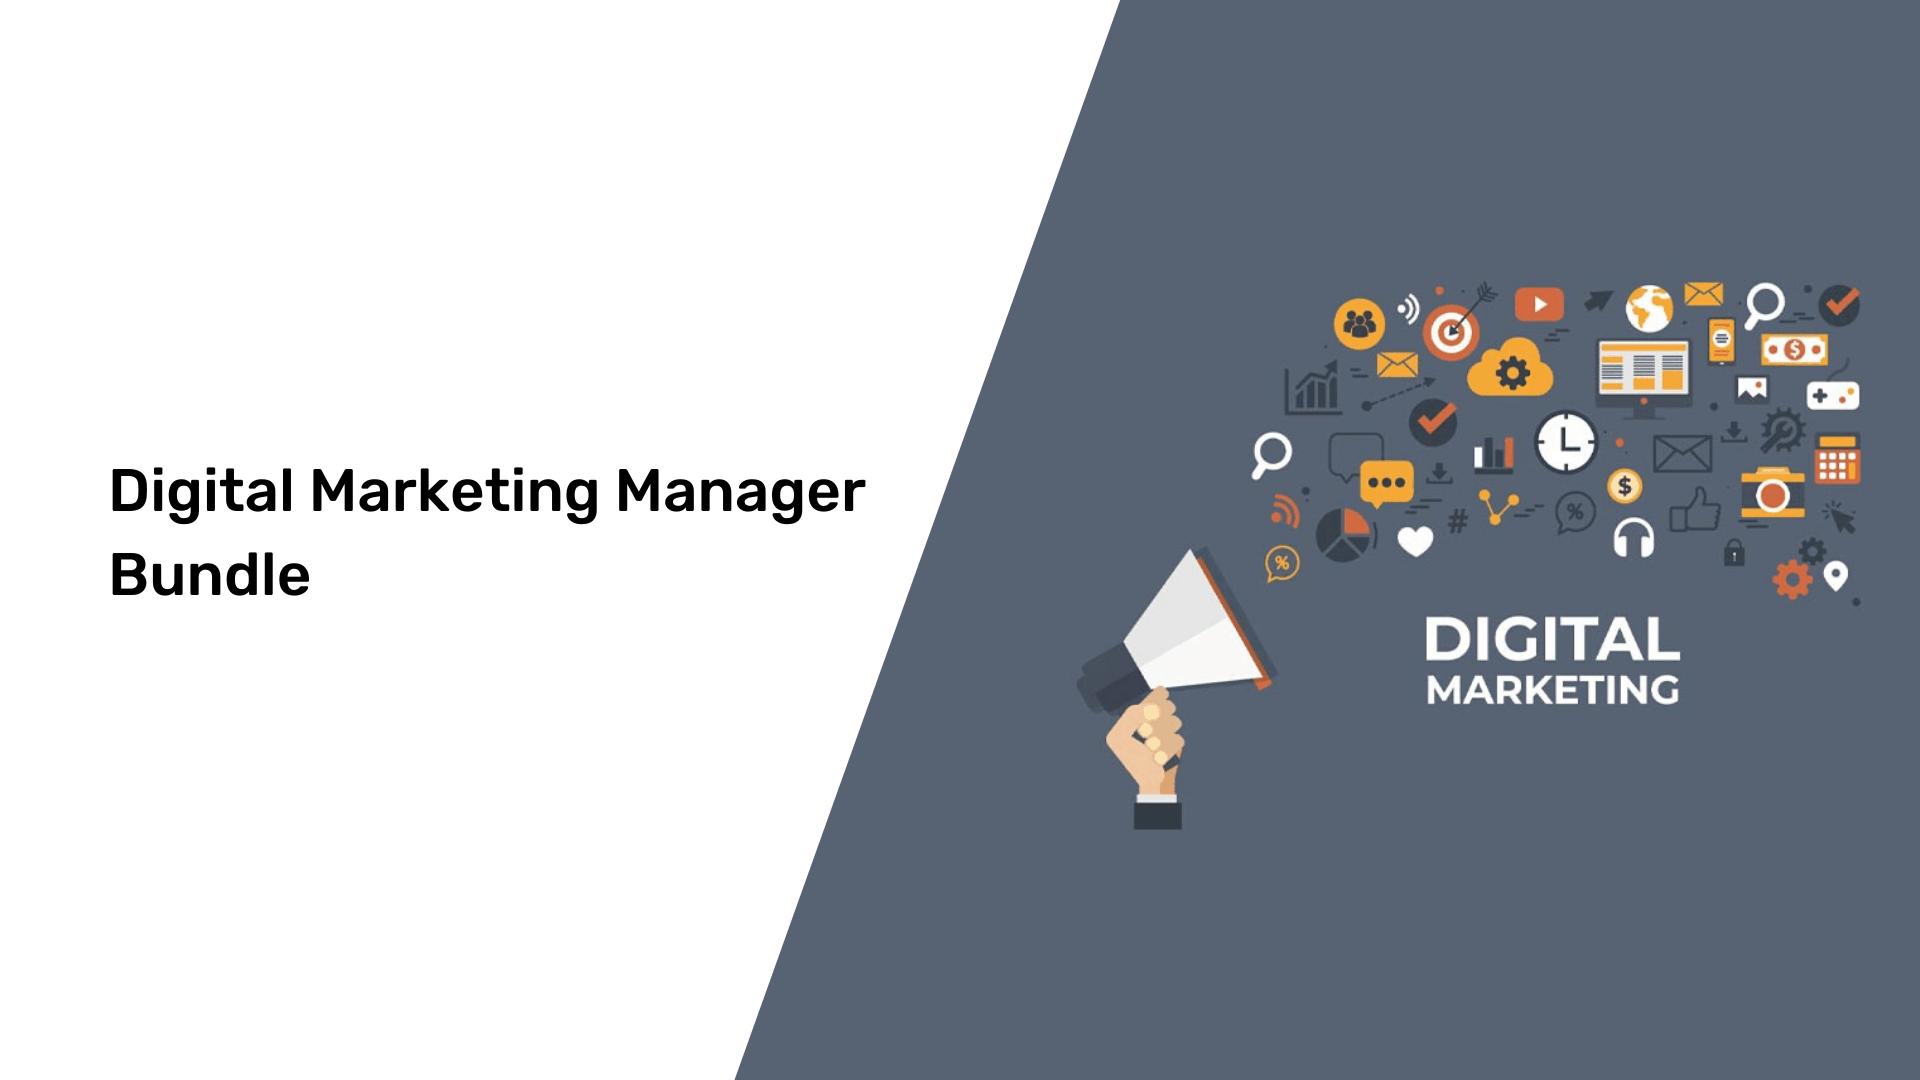 Digital Marketing Manager Bundle course grabltd